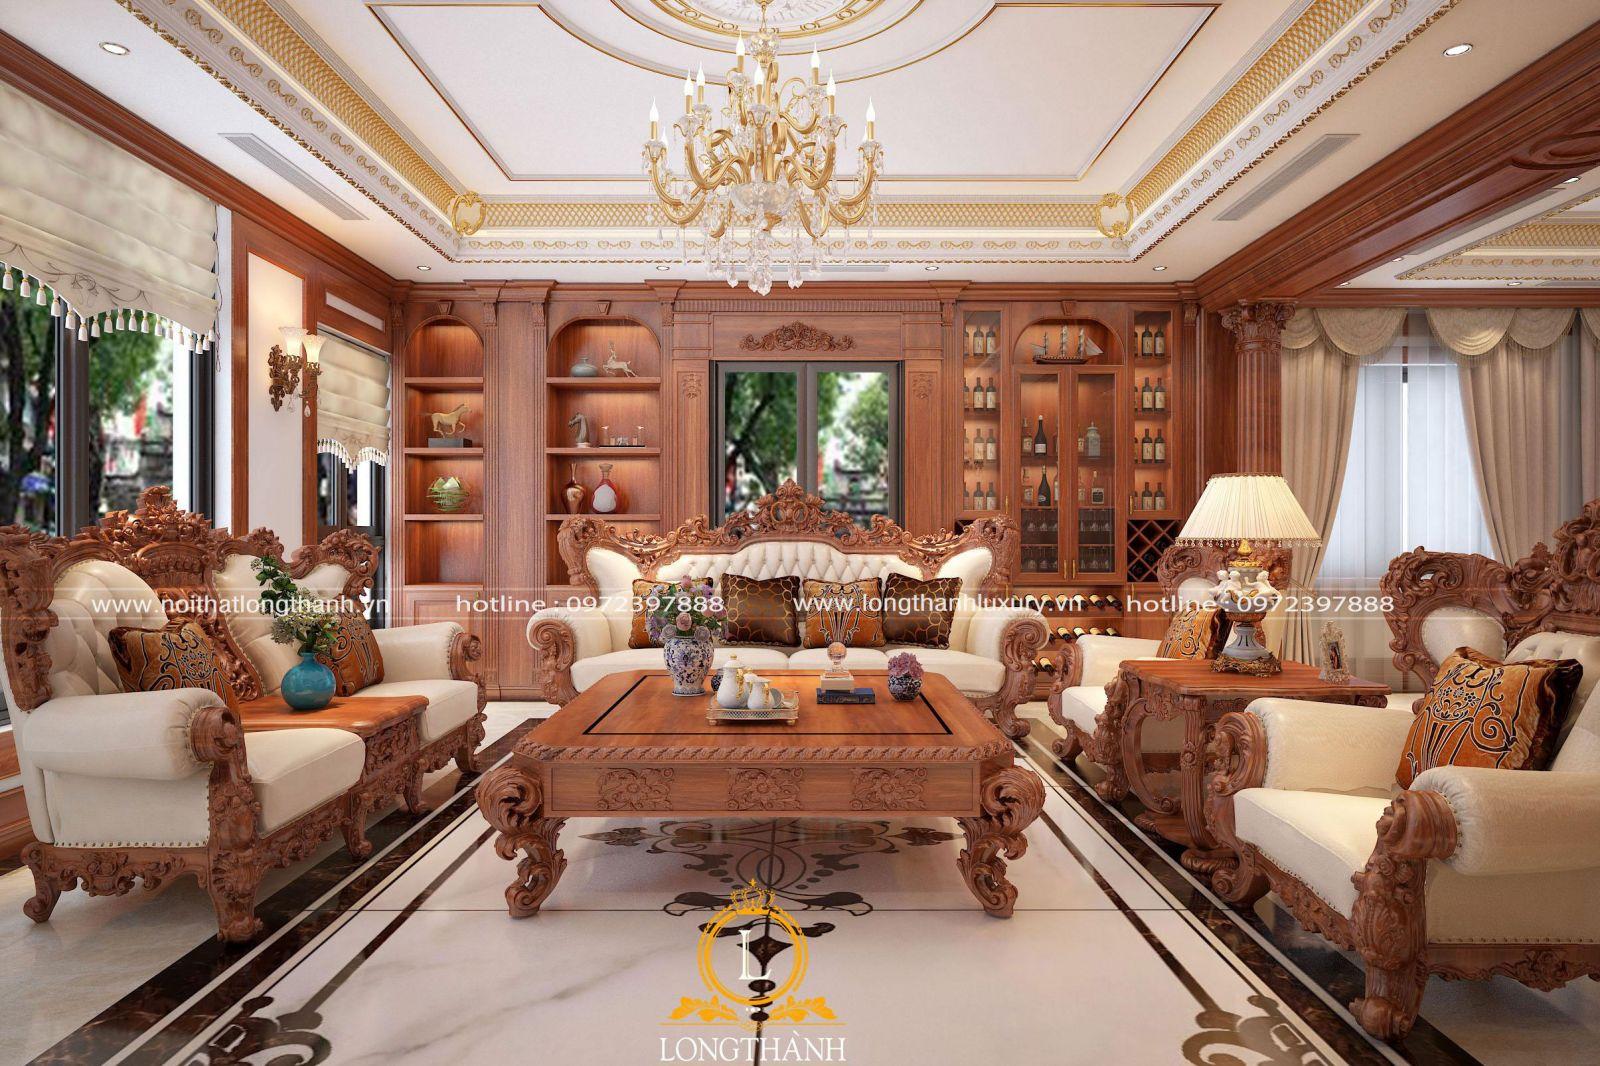 Linh hoạt trong việc thiết kế nội thất theo tỷ lệ vàng